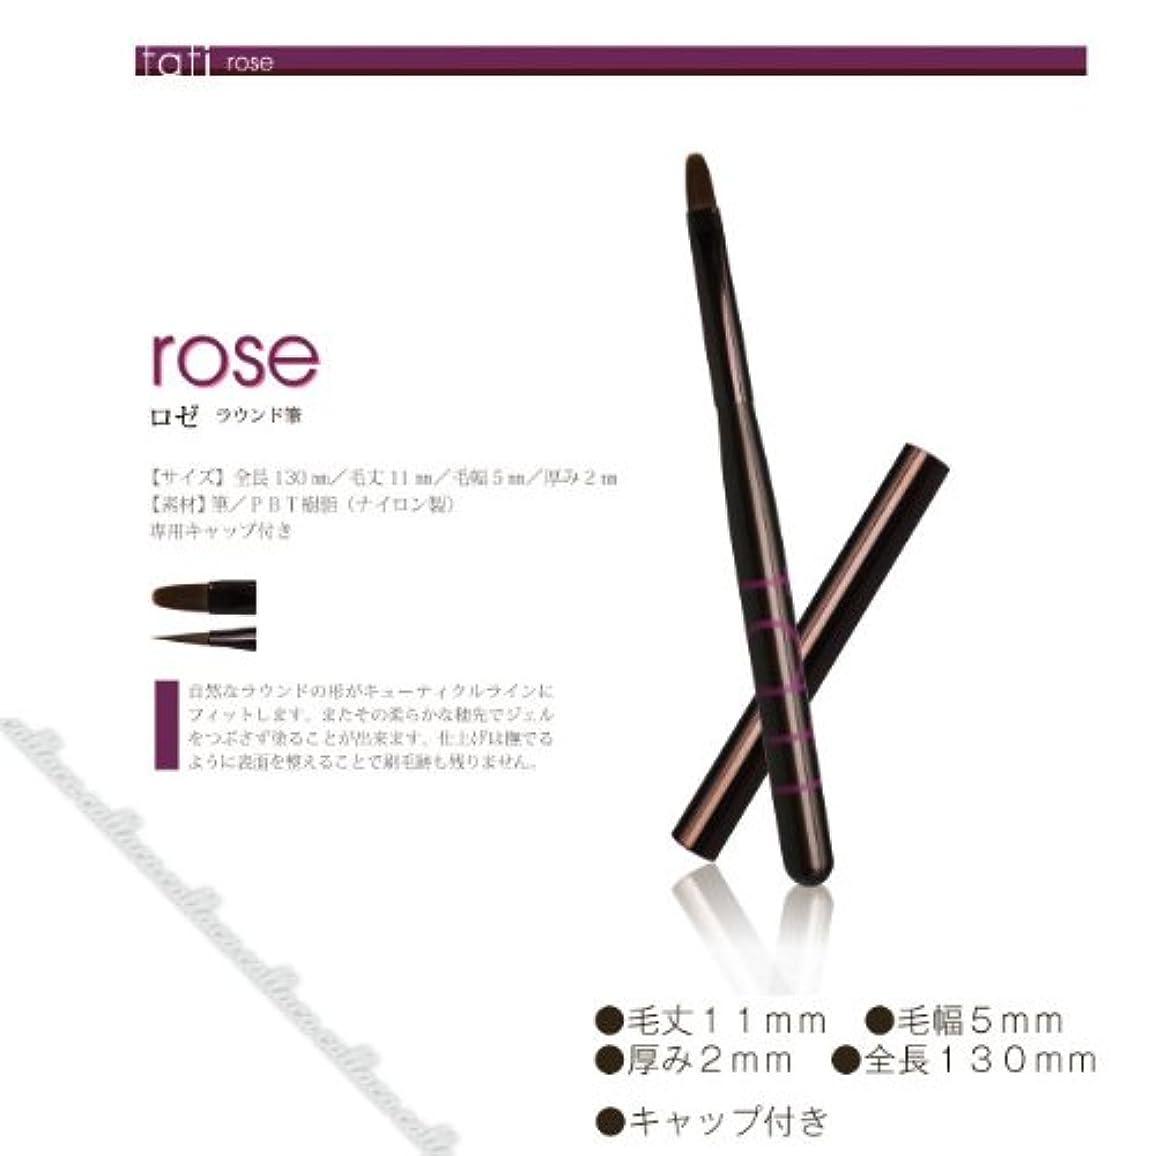 ダブルステッチデンマークtati ジェル ブラシアートショコラ rose (ロゼ)